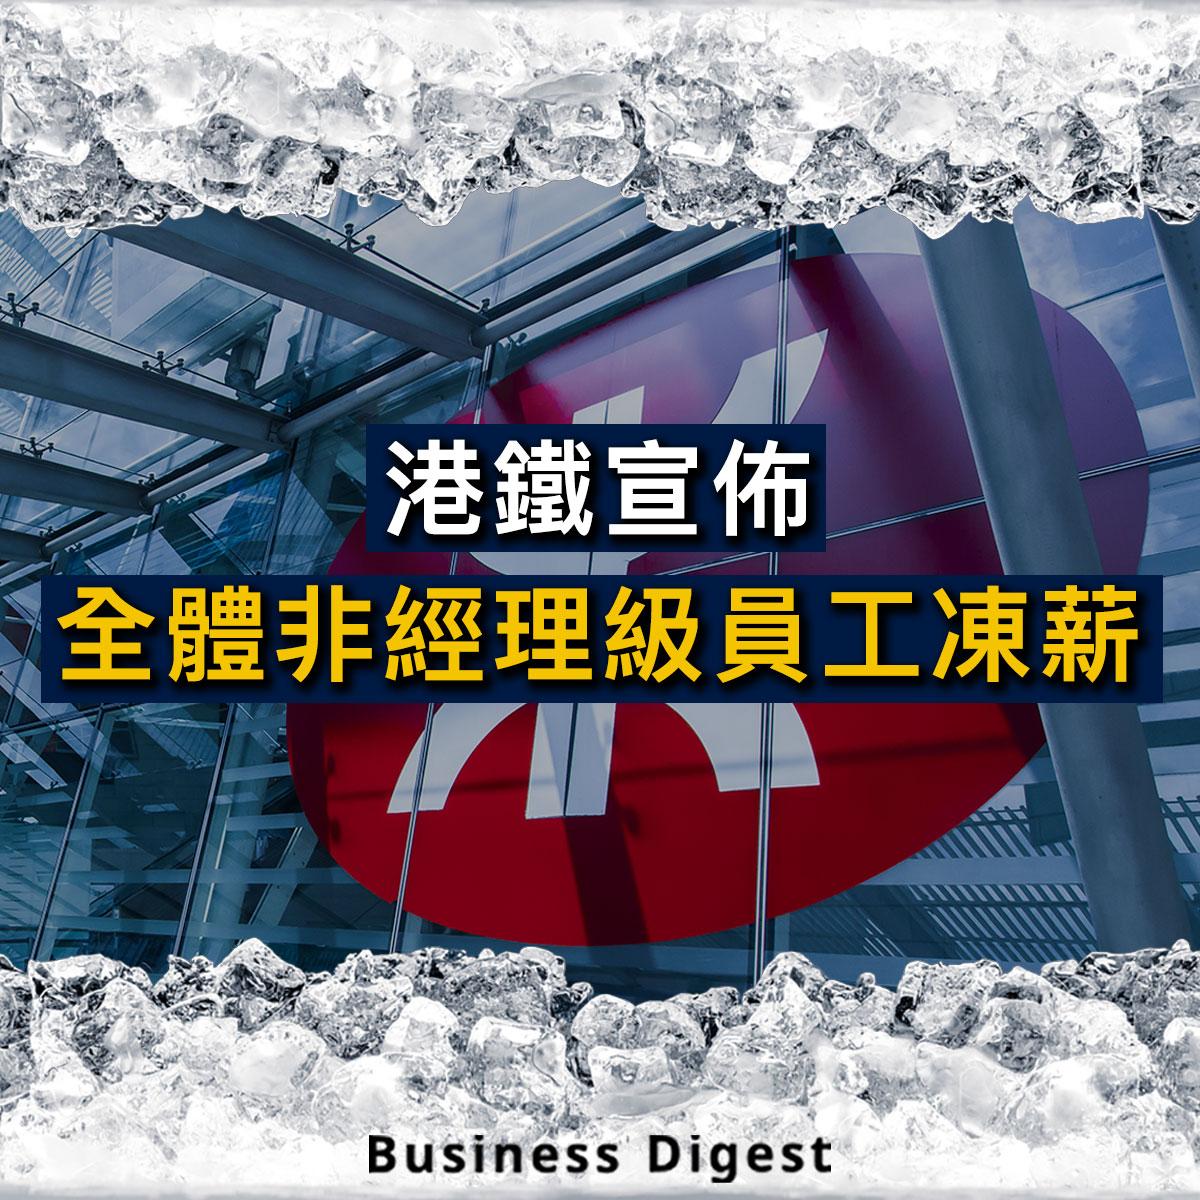 【商業熱話】港鐵宣佈全體非經理級員工凍薪